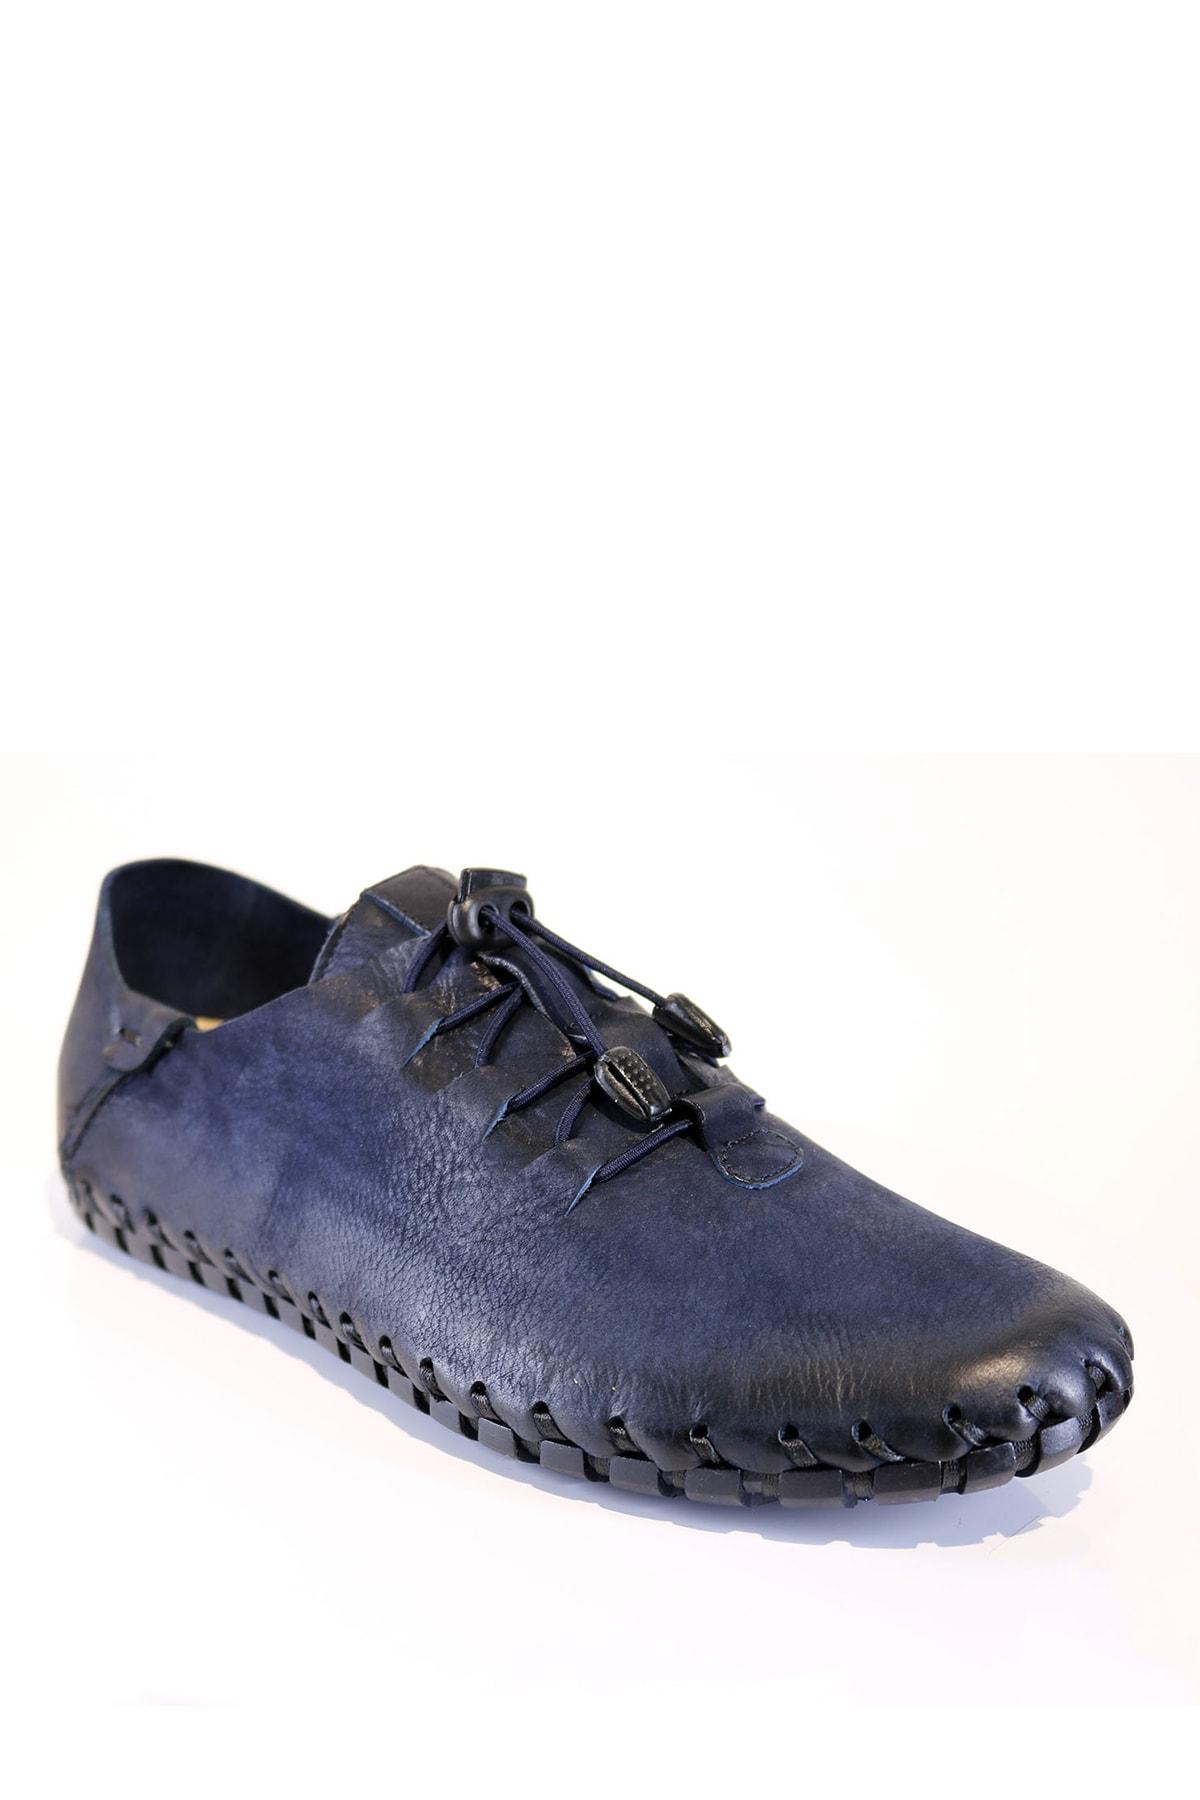 کفش کلاسیک مردانه مدل دار برند Onemarka رنگ لاجوردی کد ty59280797